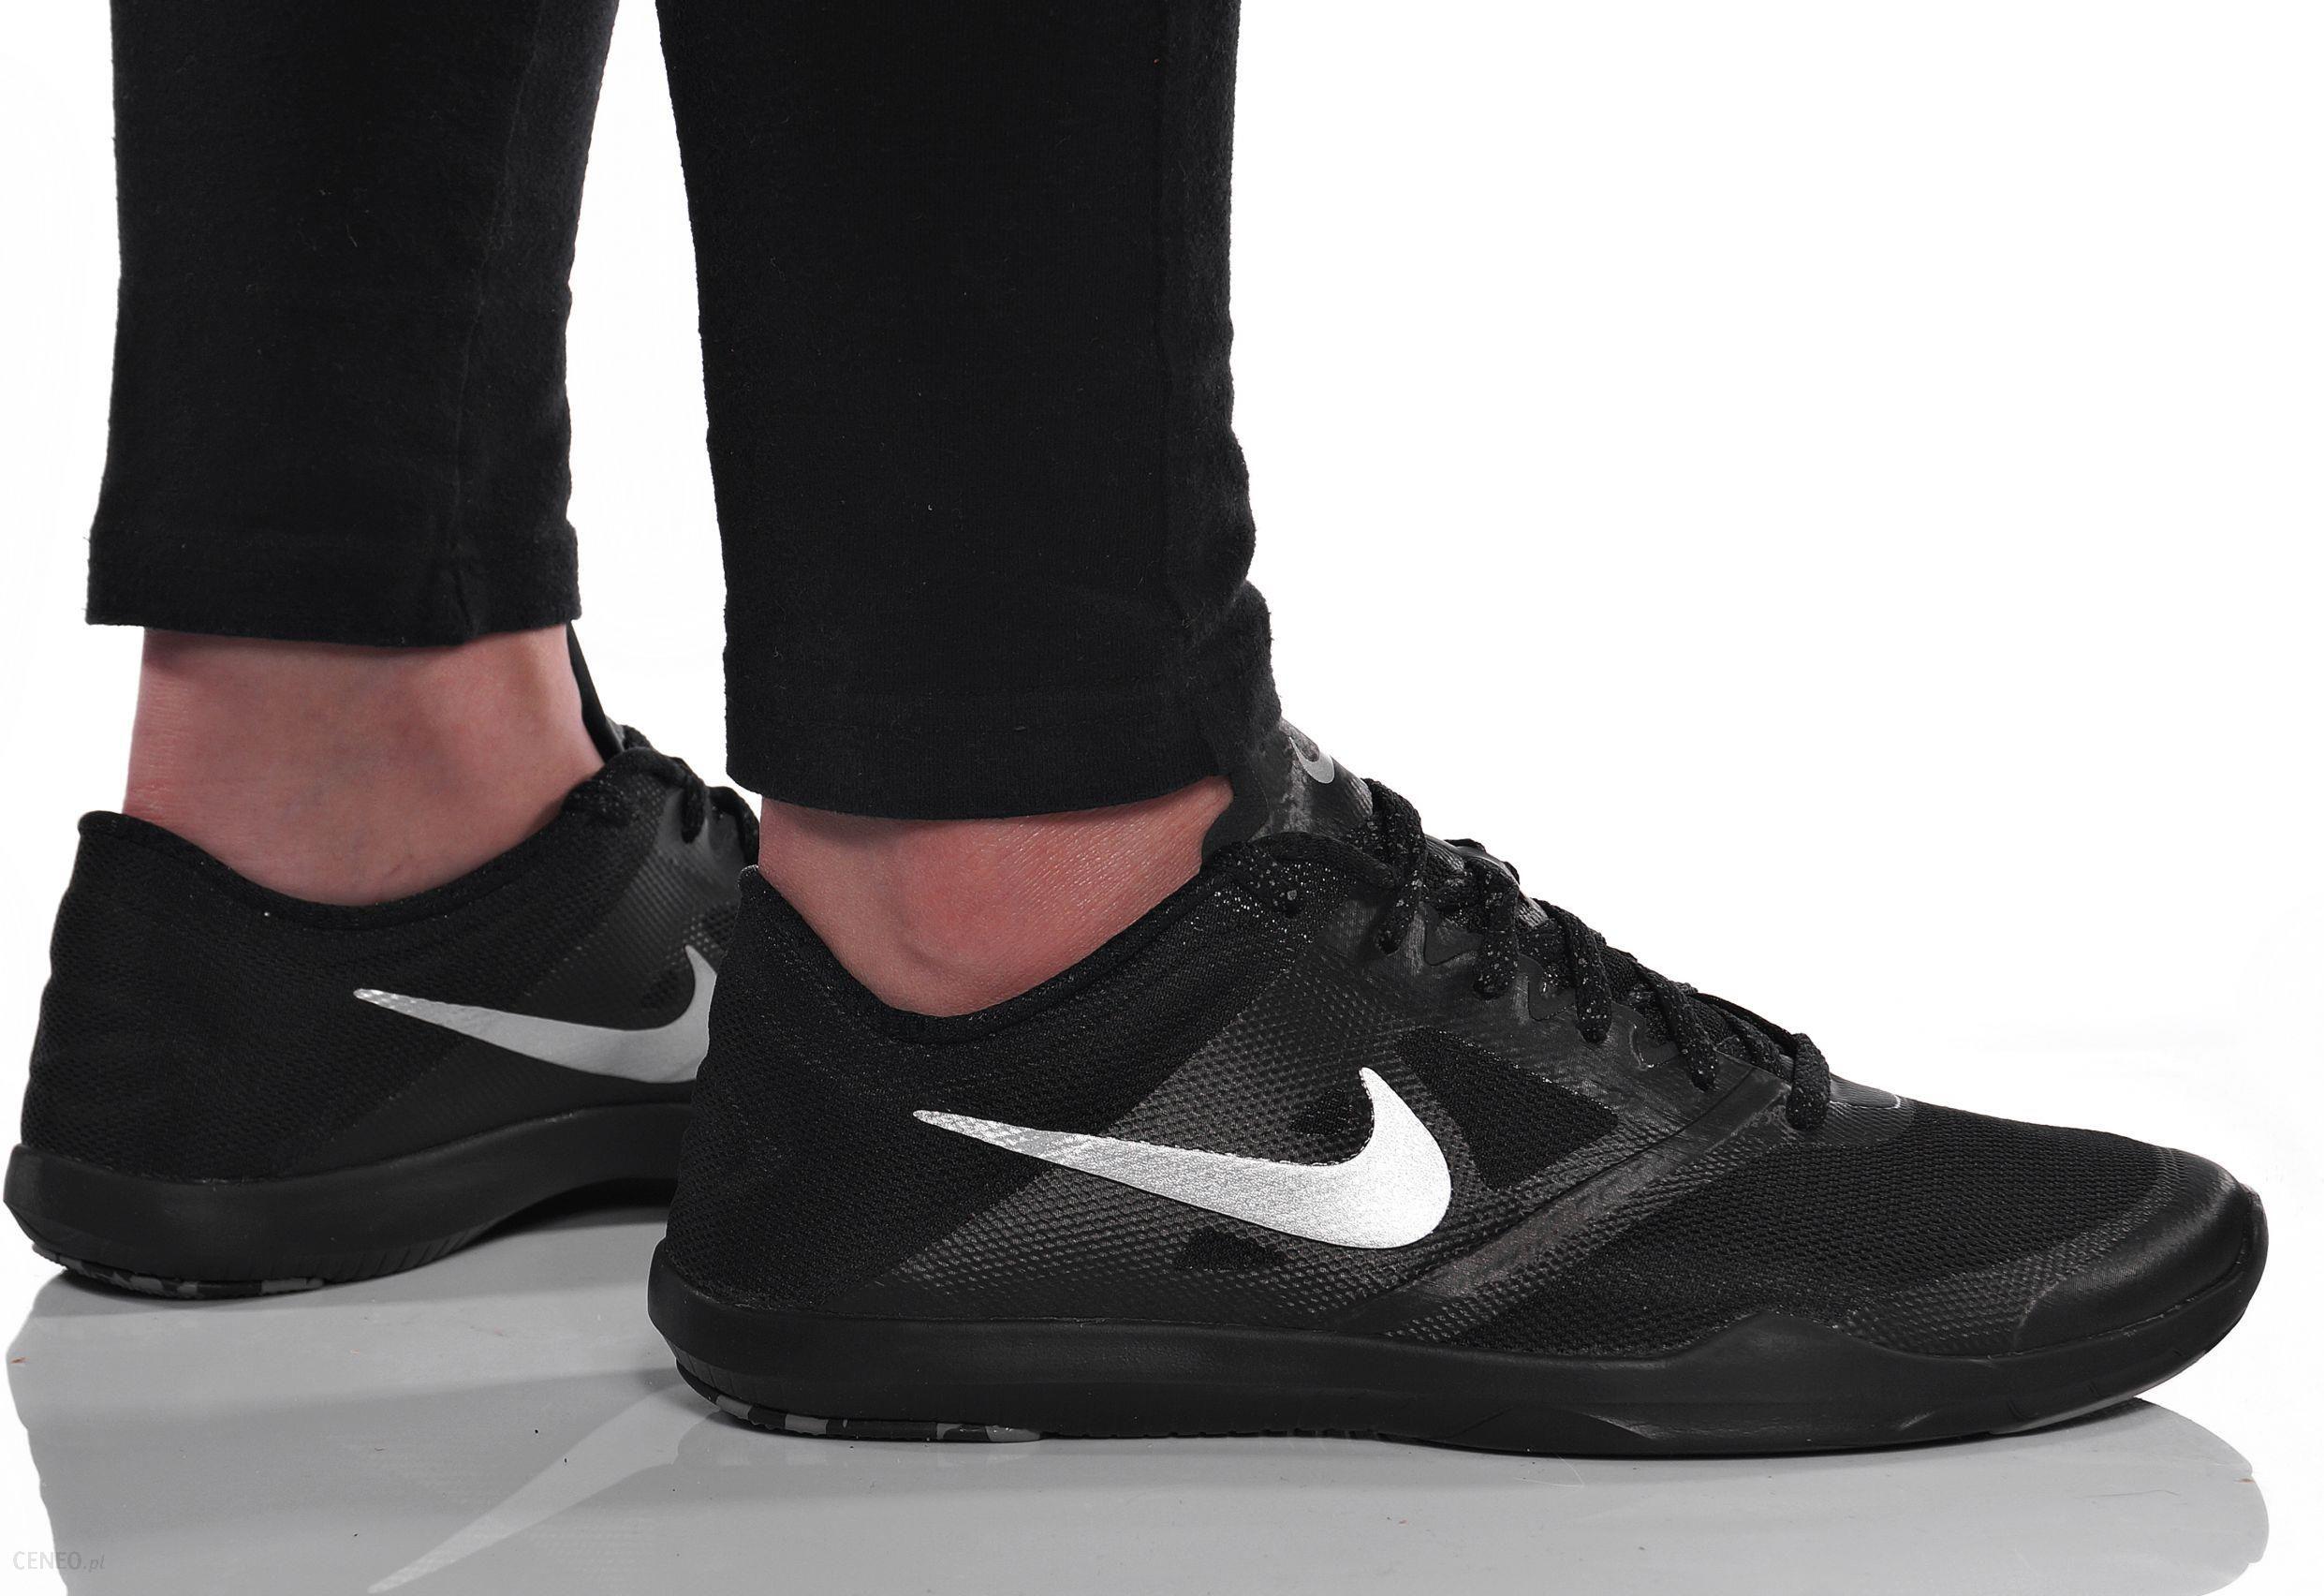 nike buty damskie wmns studio trainer 2